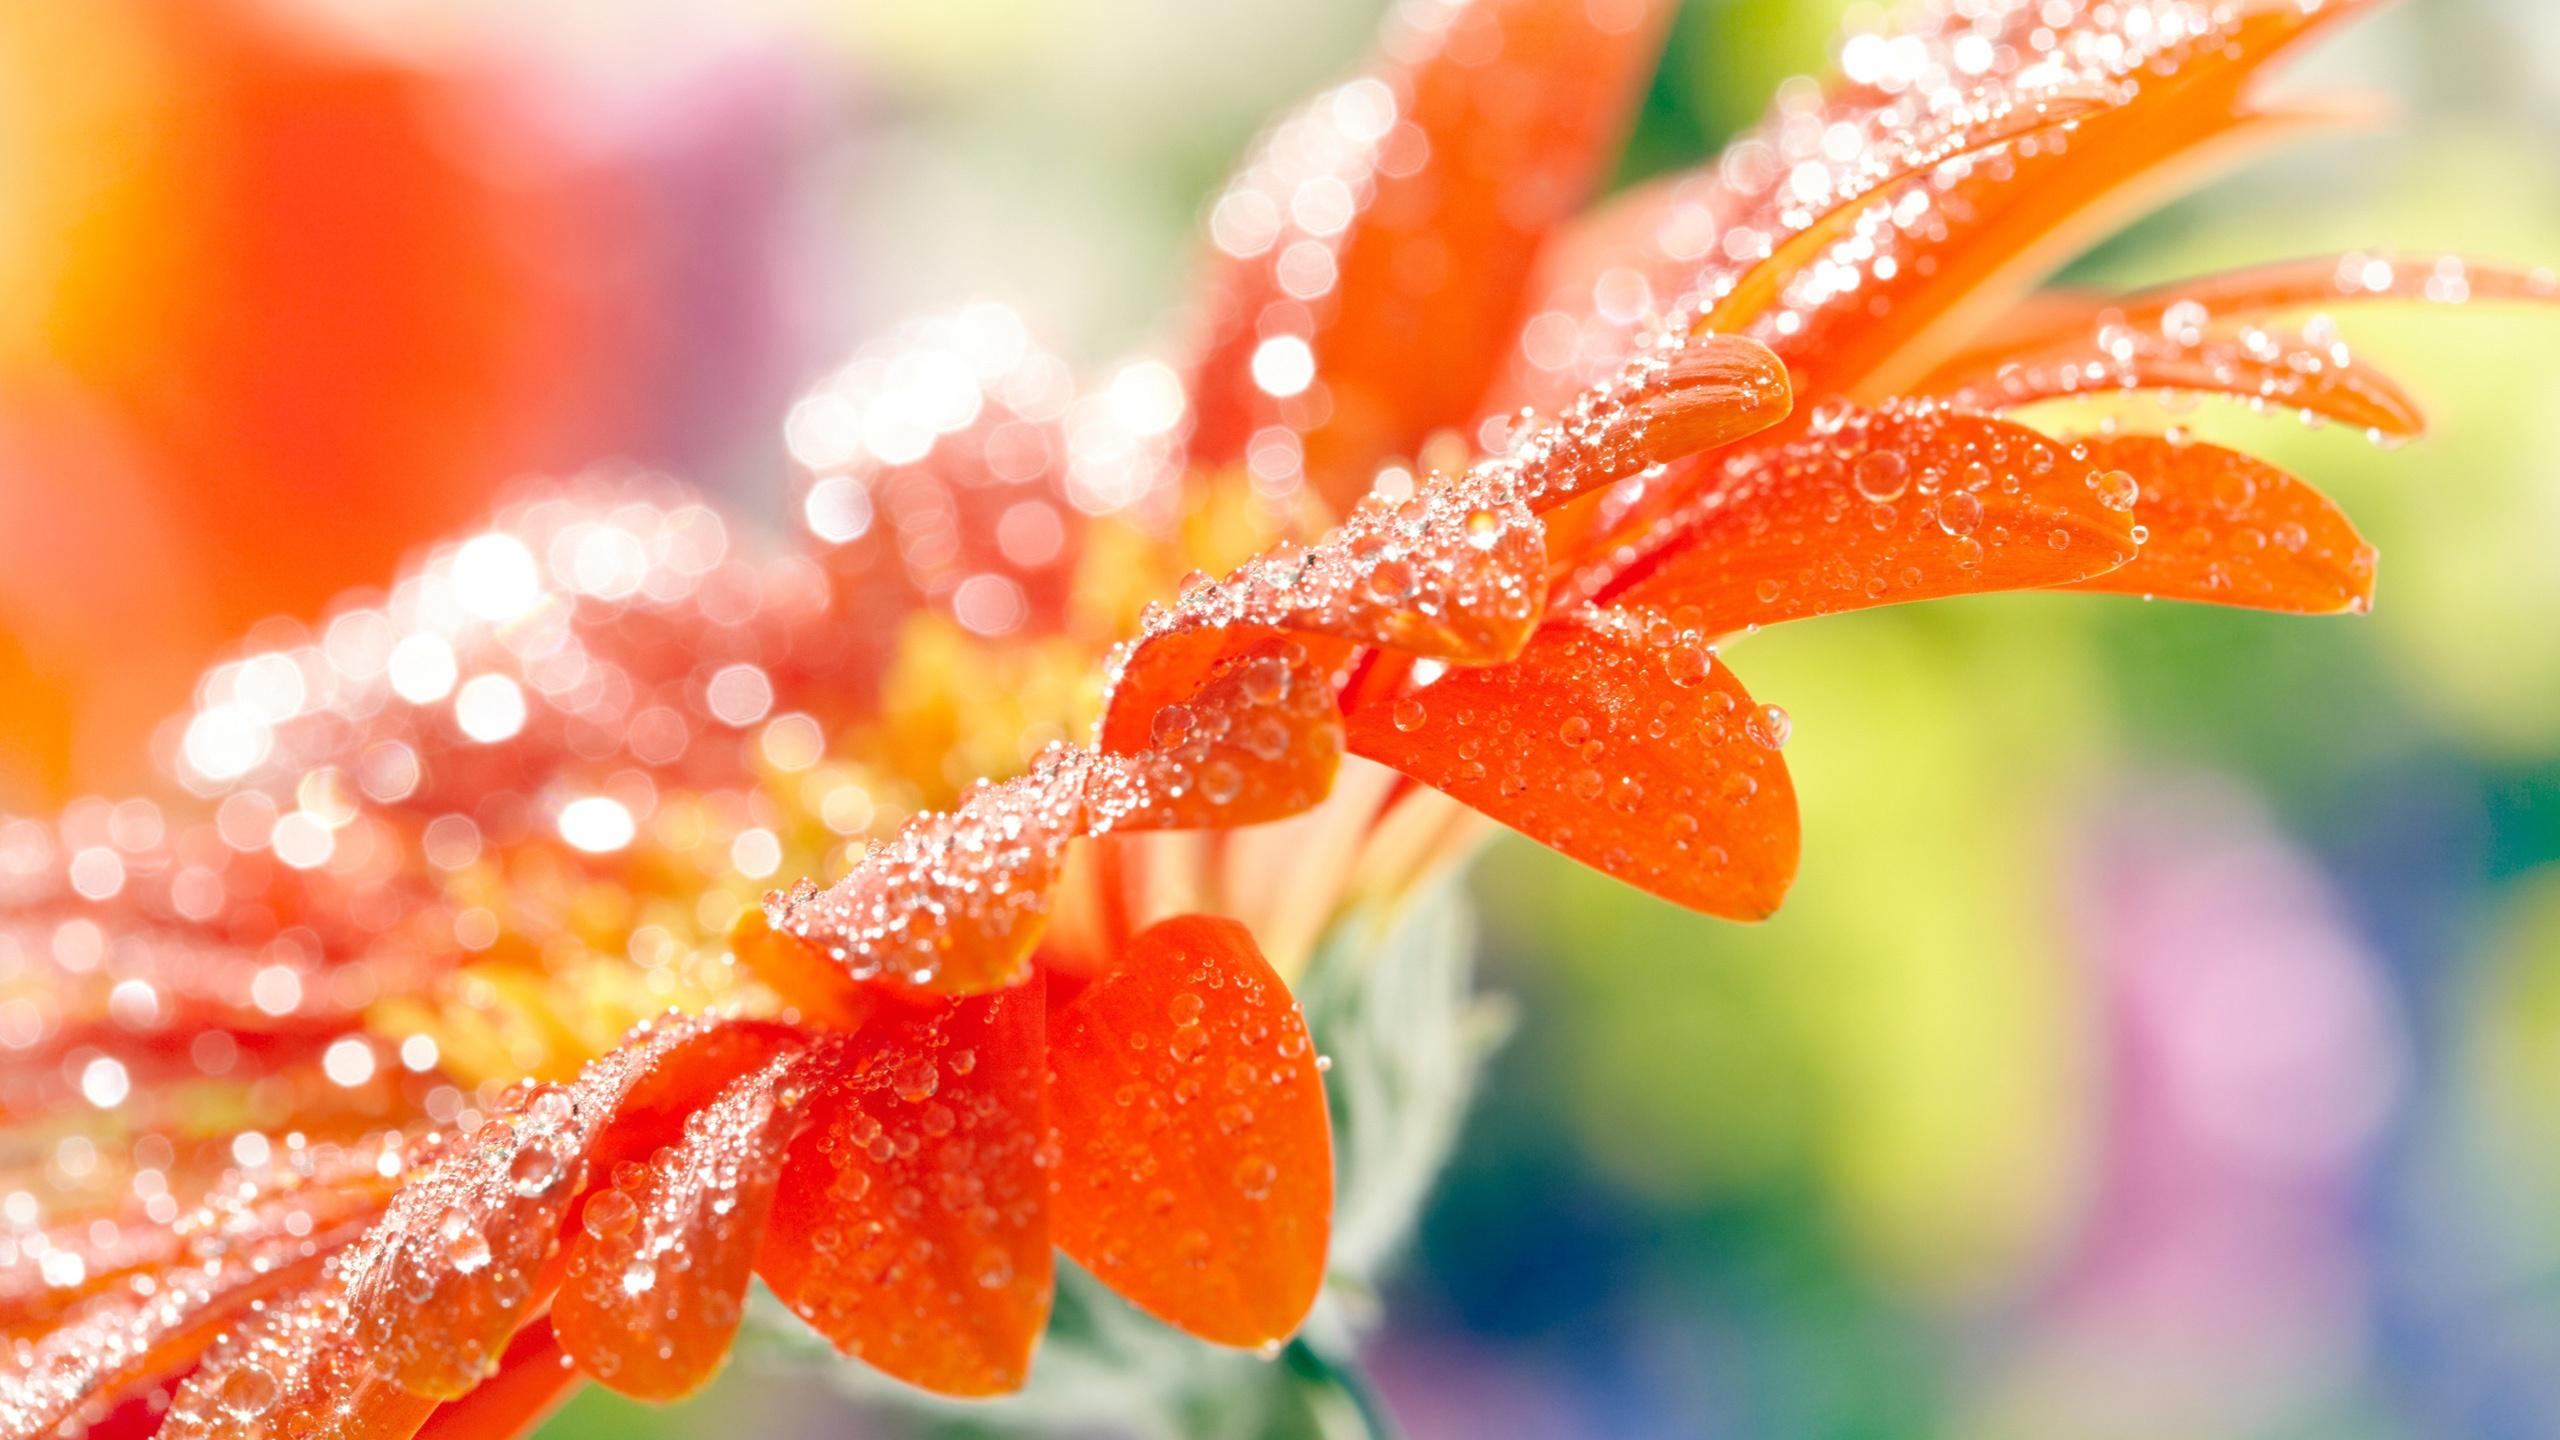 обои на рабочий стол цветы крупные яркие на рабочий стол